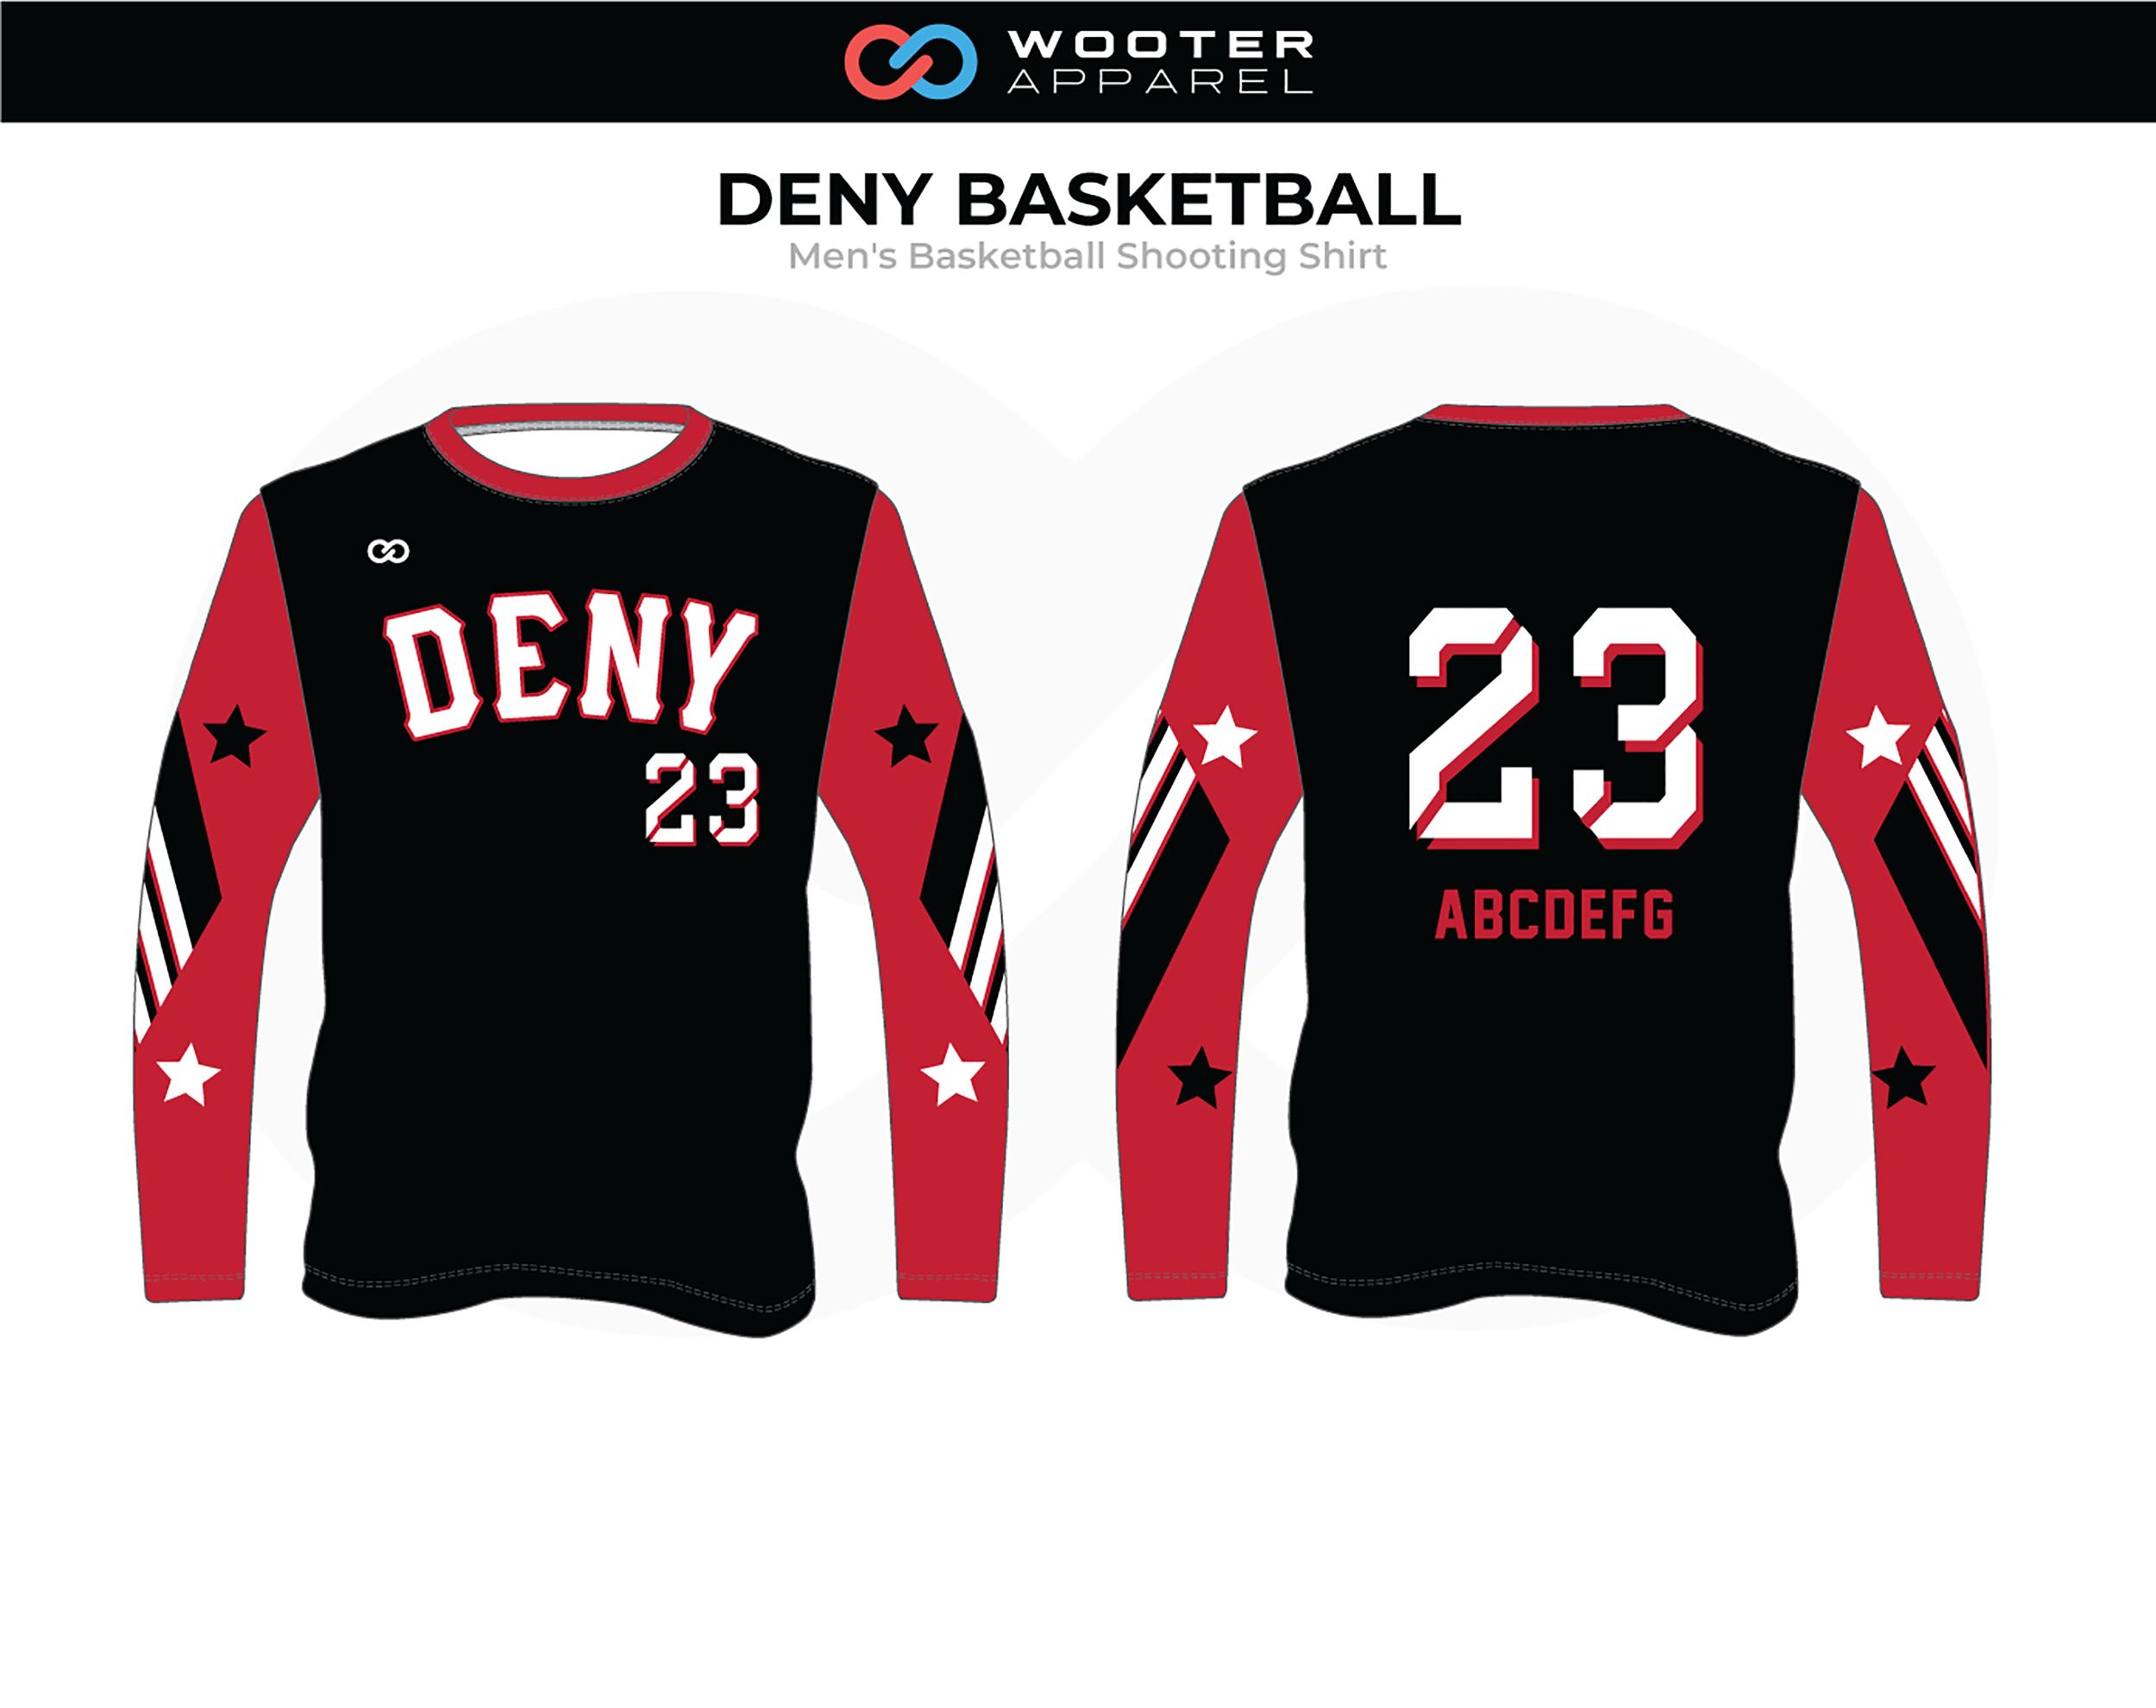 DENY Red Black White Men's Basketball Shooting Shirt